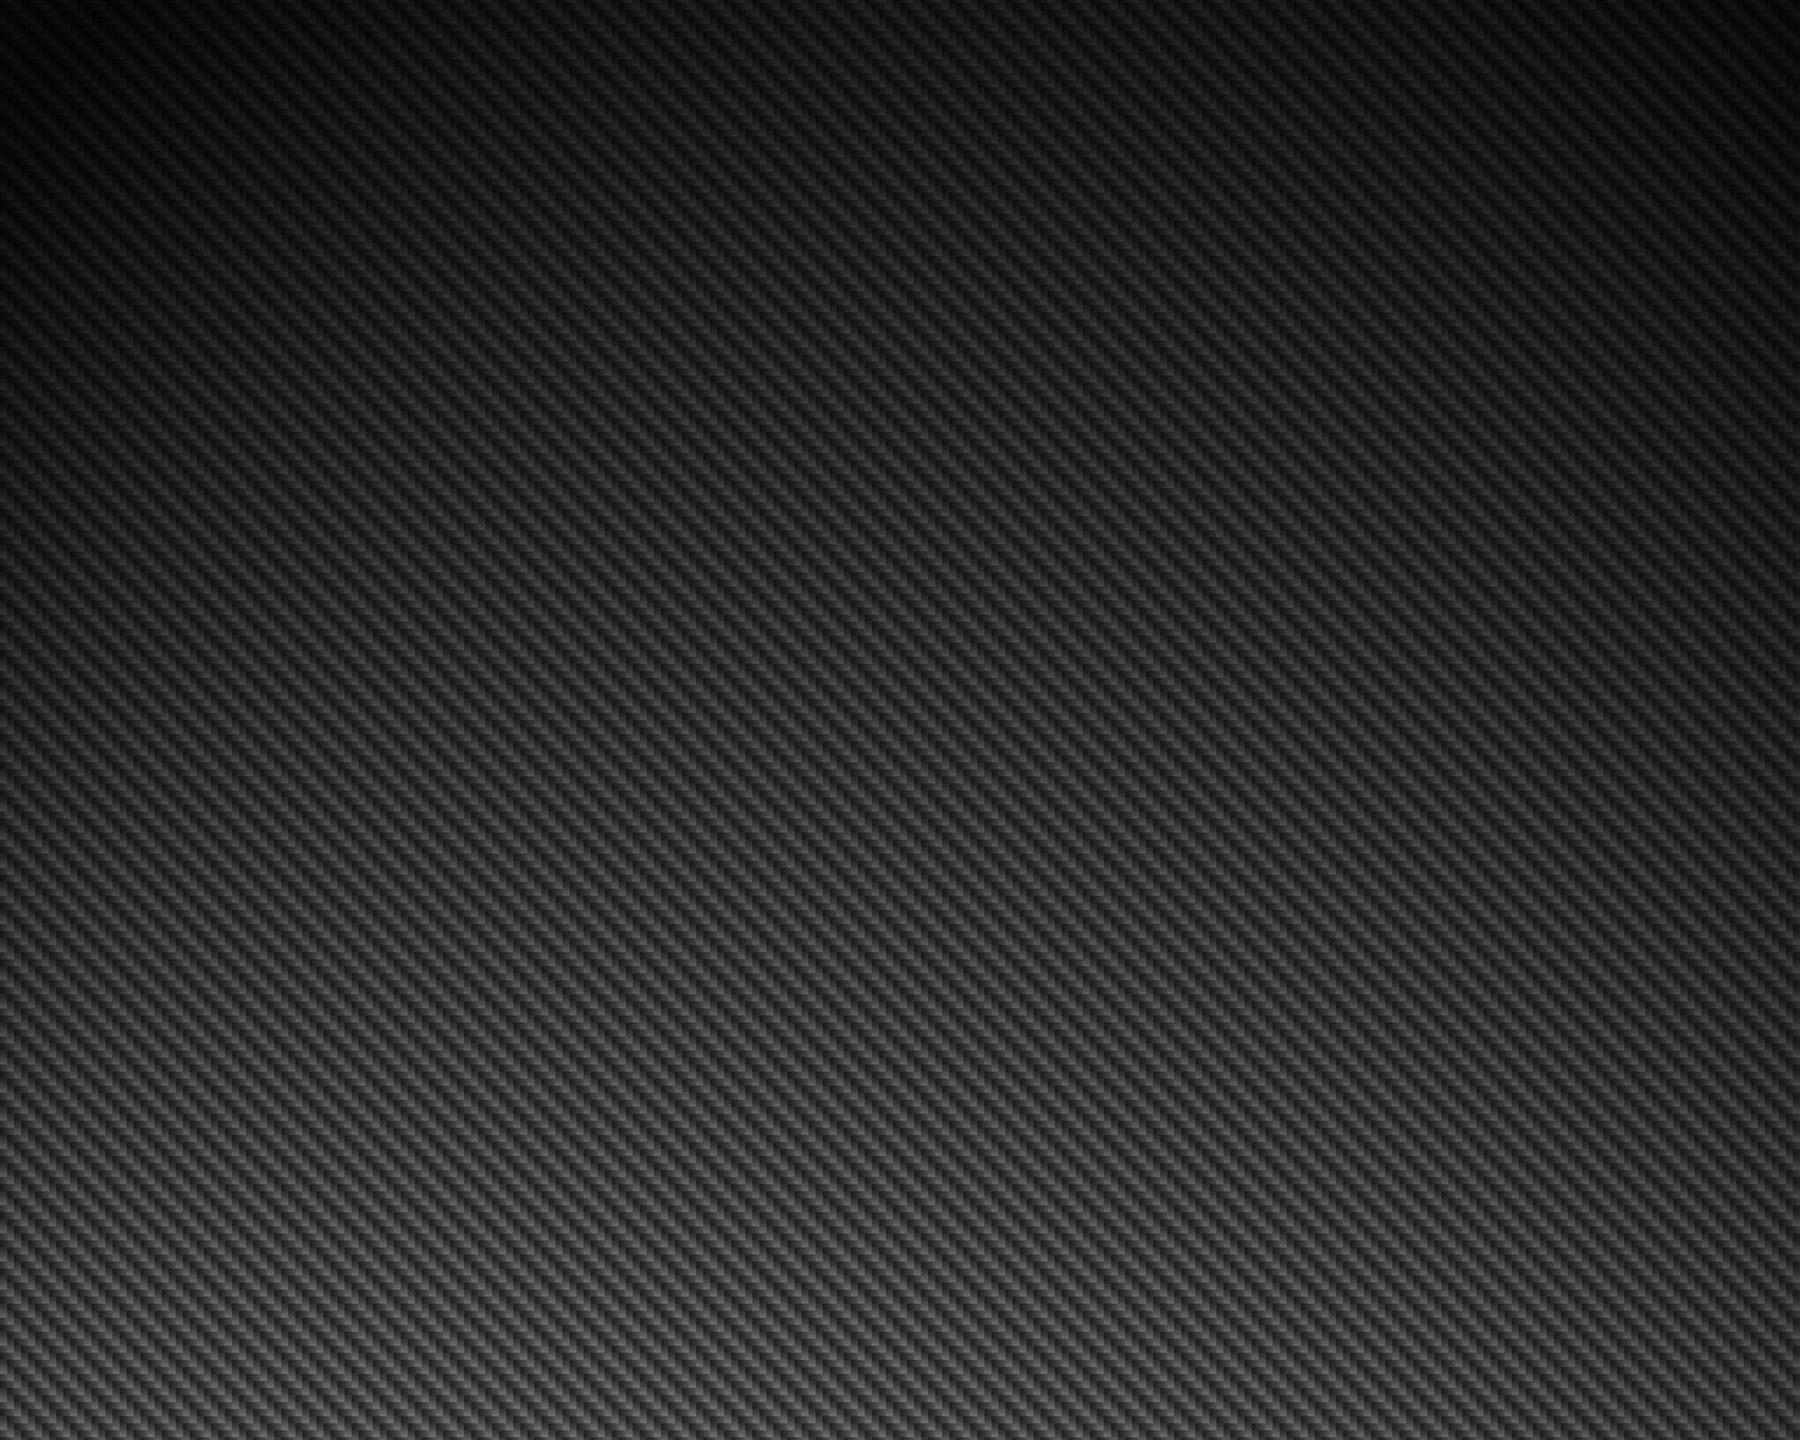 Background image 300 dpi - Carbon Fiber Background Jpg